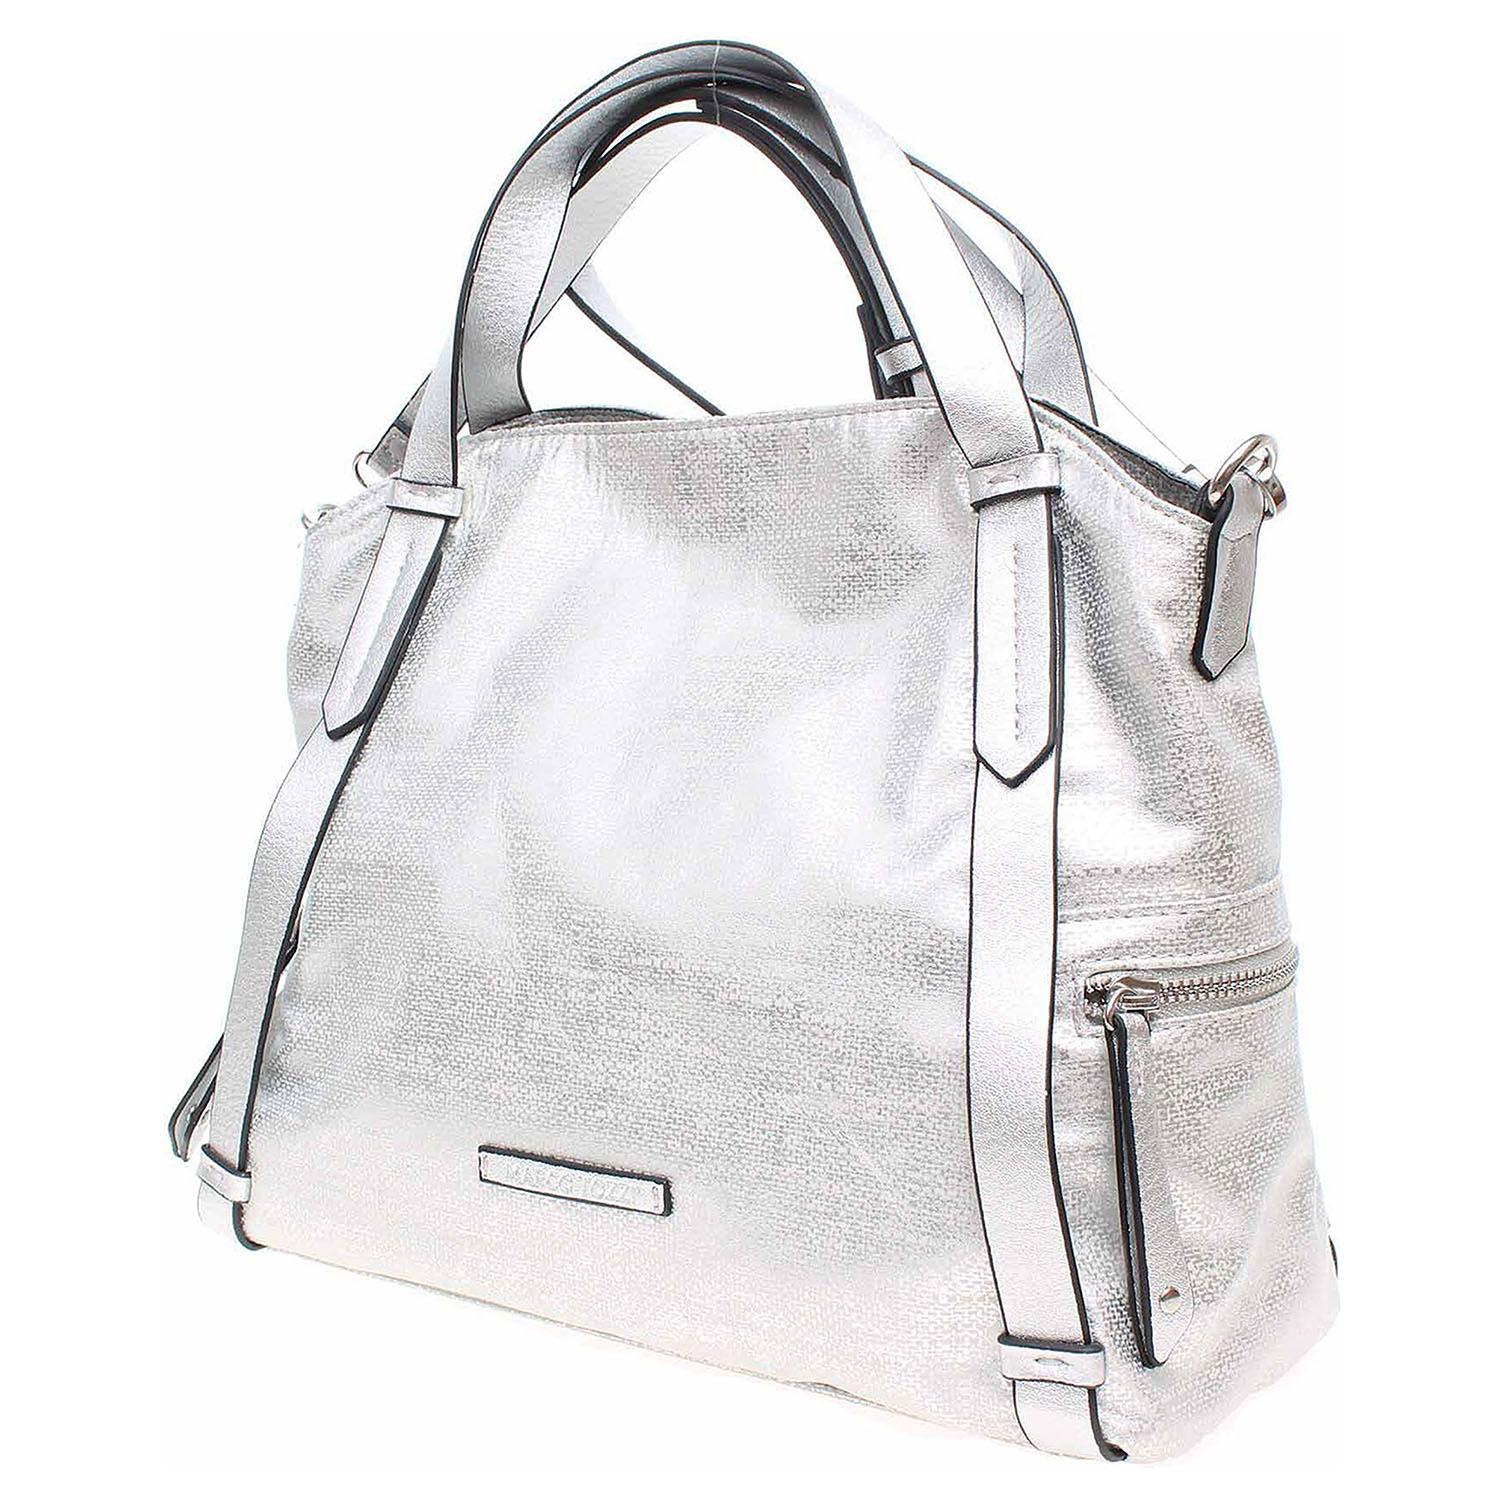 Ecco Marco Tozzi dámská kabelka 2-61119-20 silver 11891356 5c1000c1e47